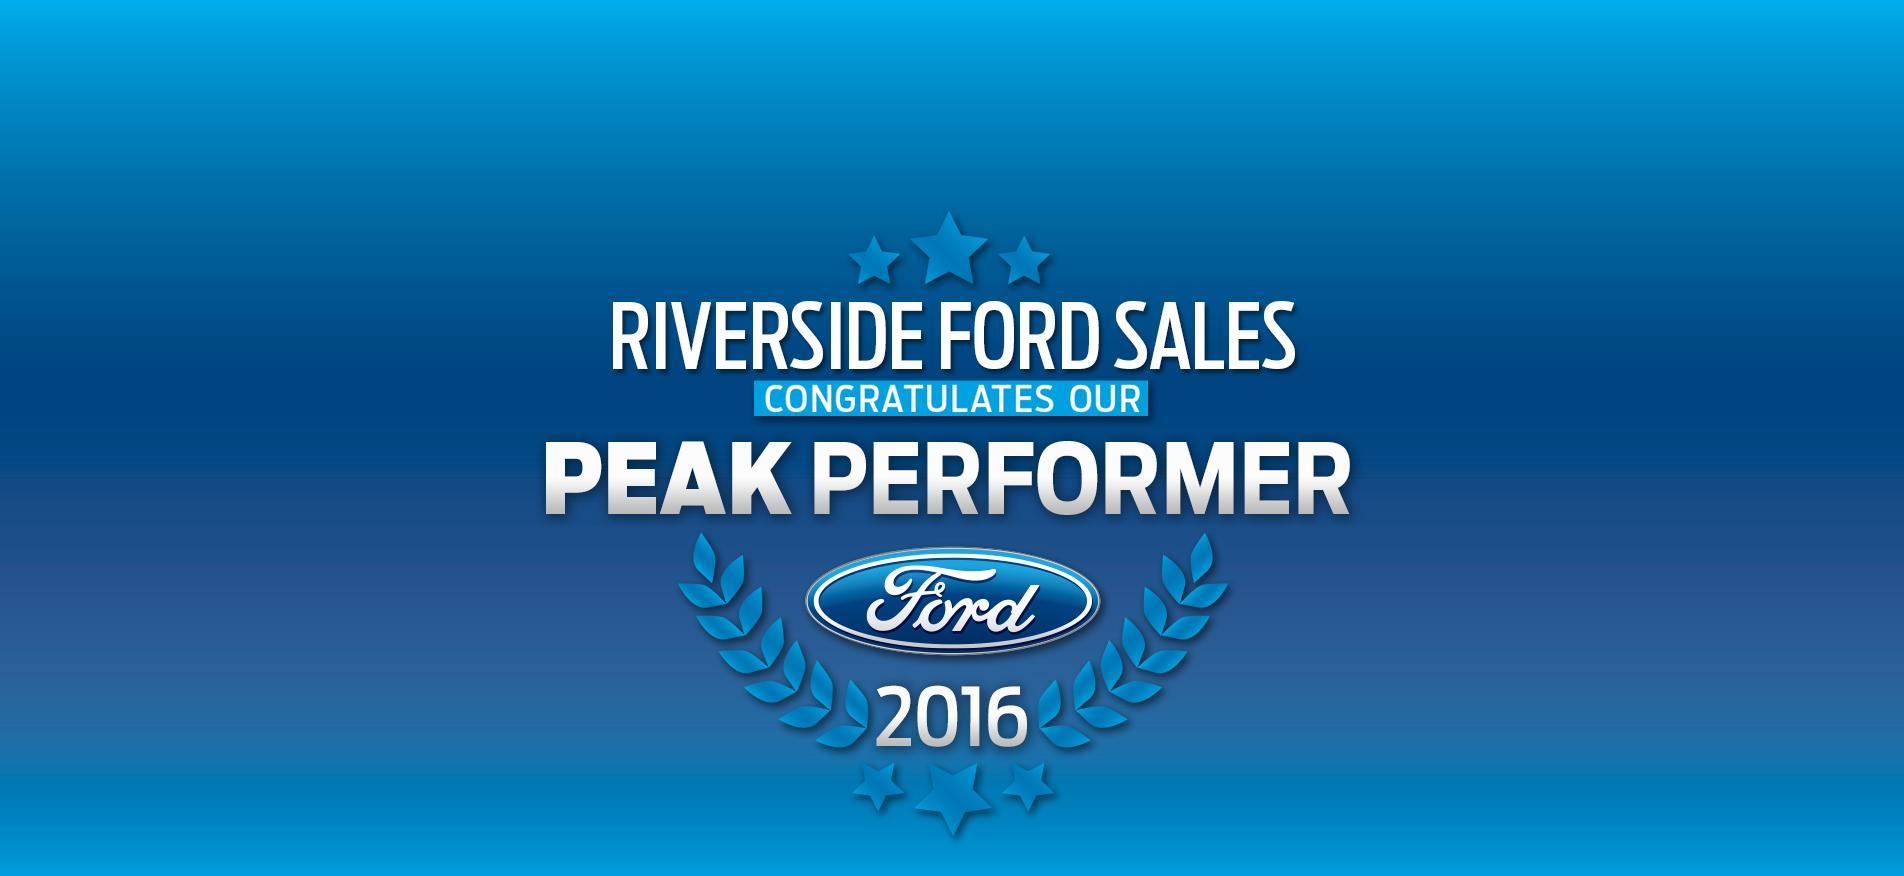 Riverside Ford Sales - Peak Performer